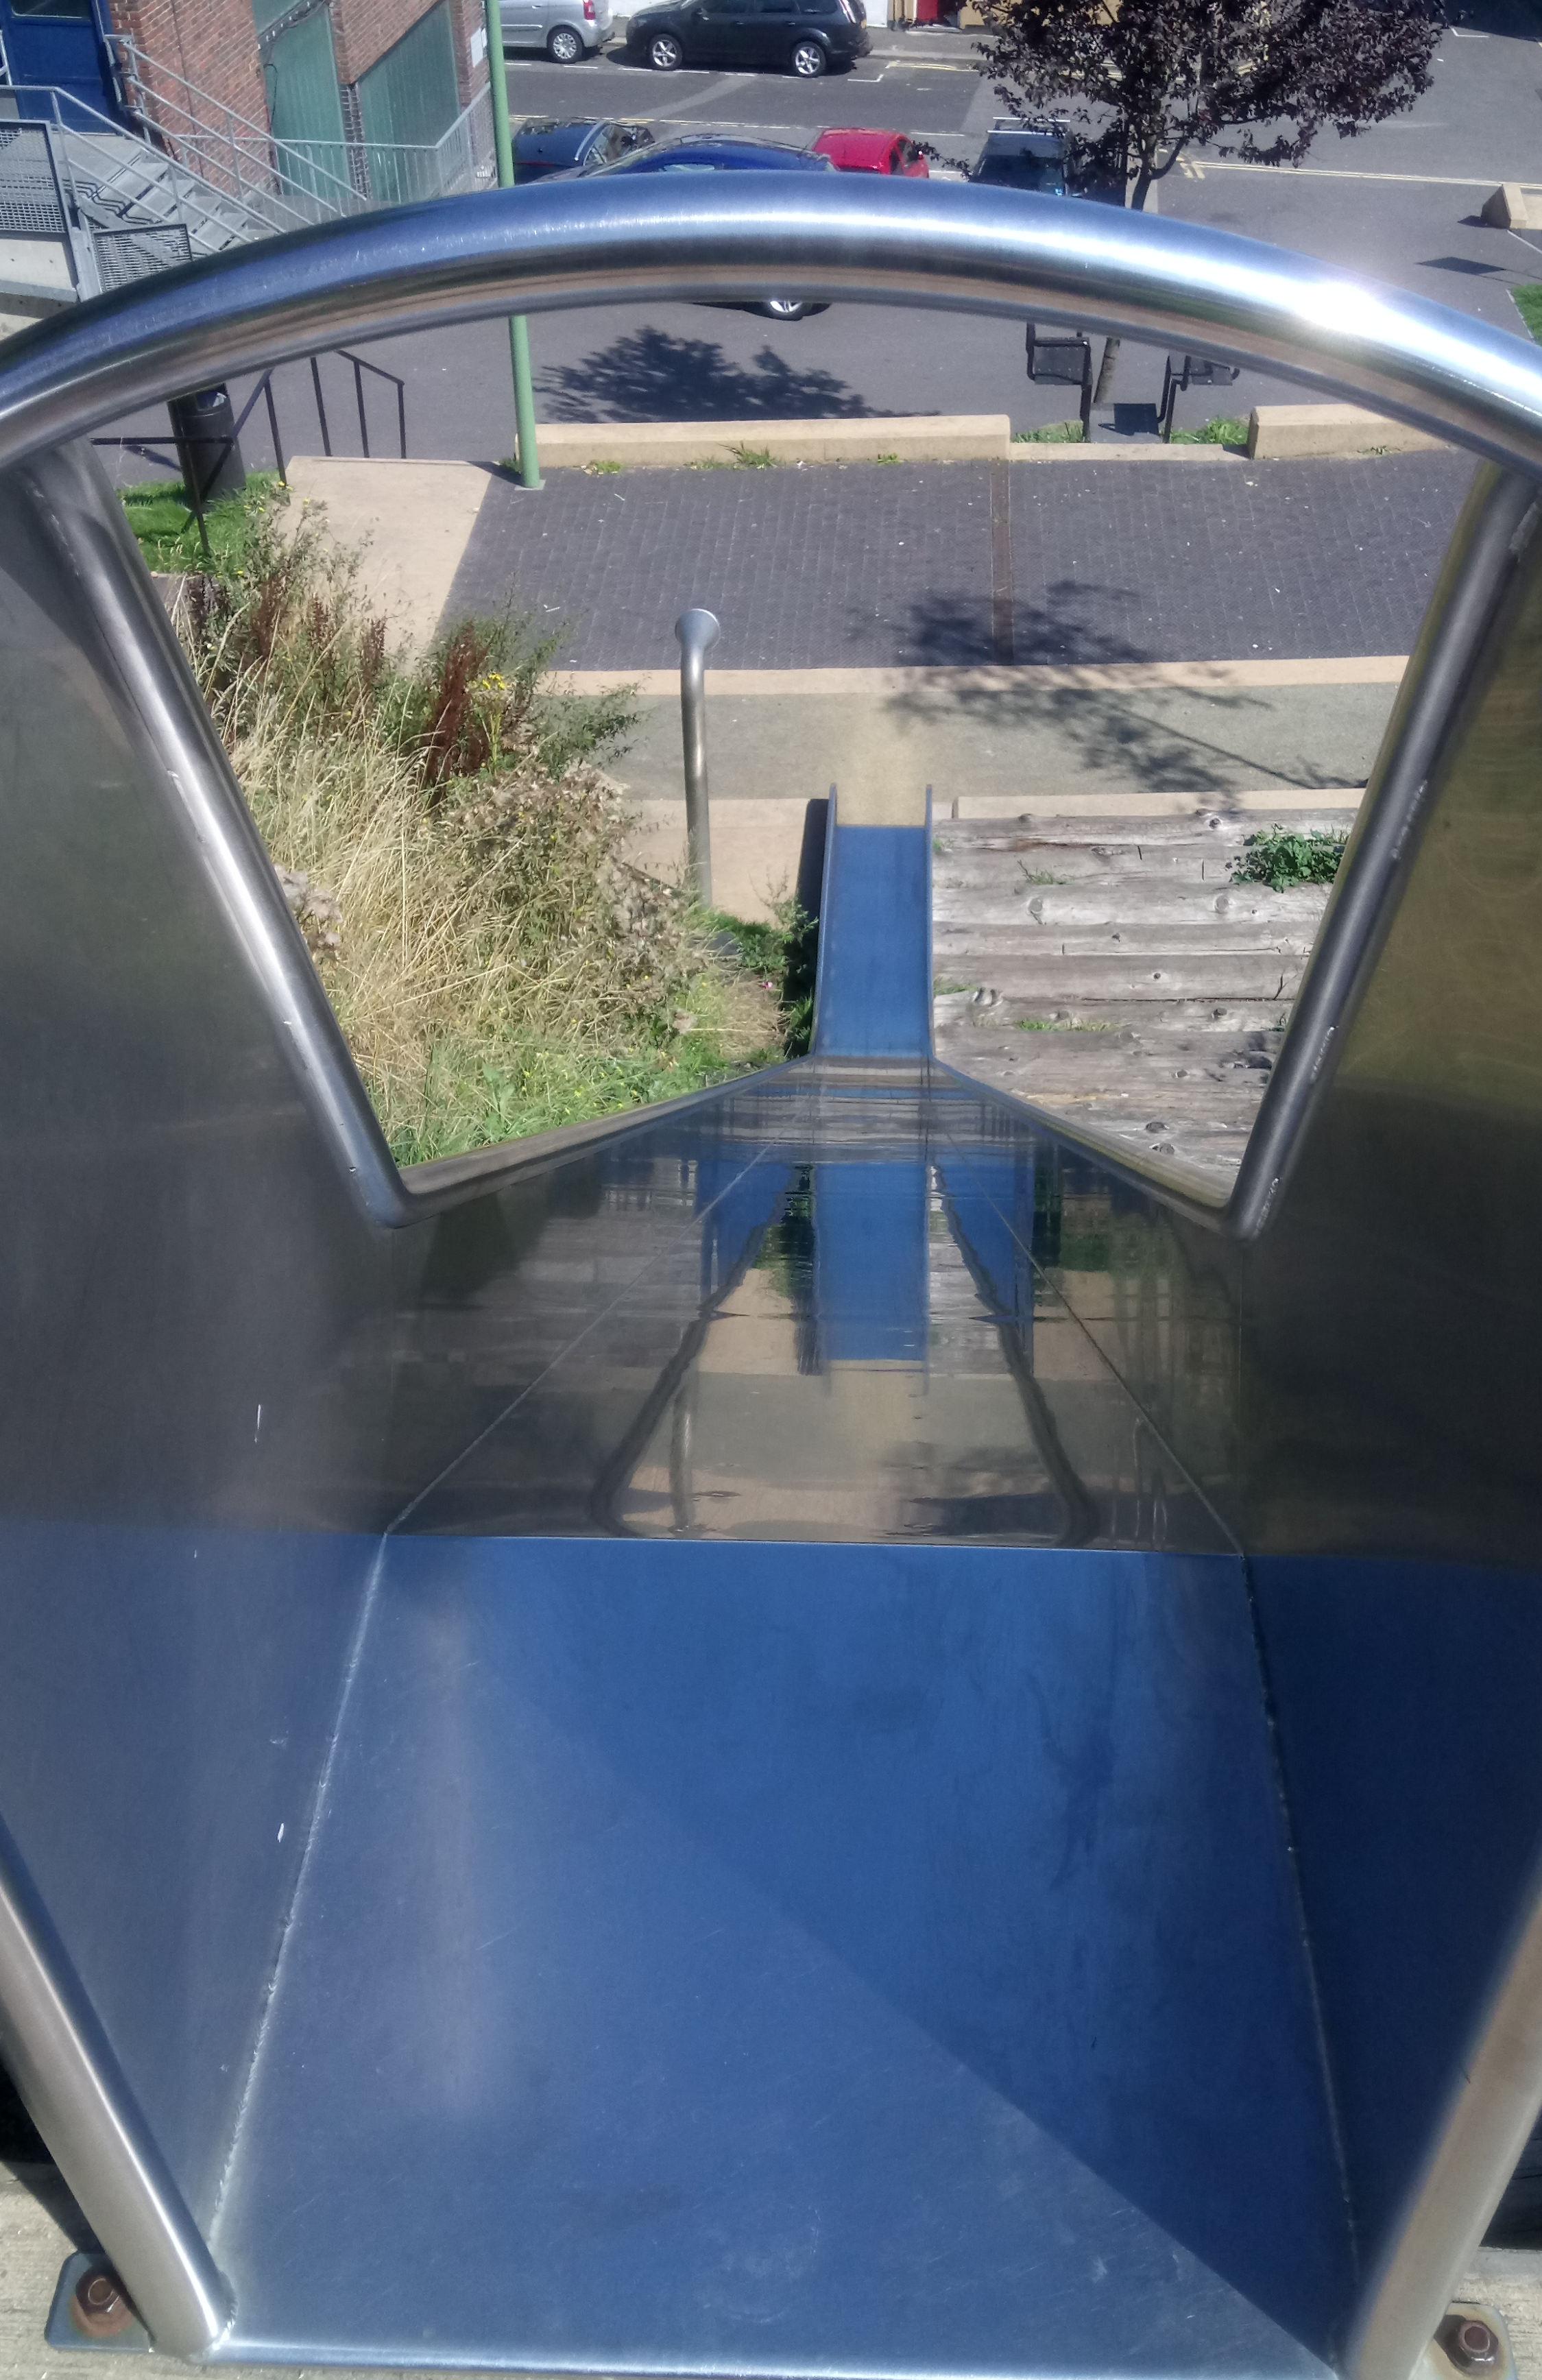 Payers Park Slide in Folkestone